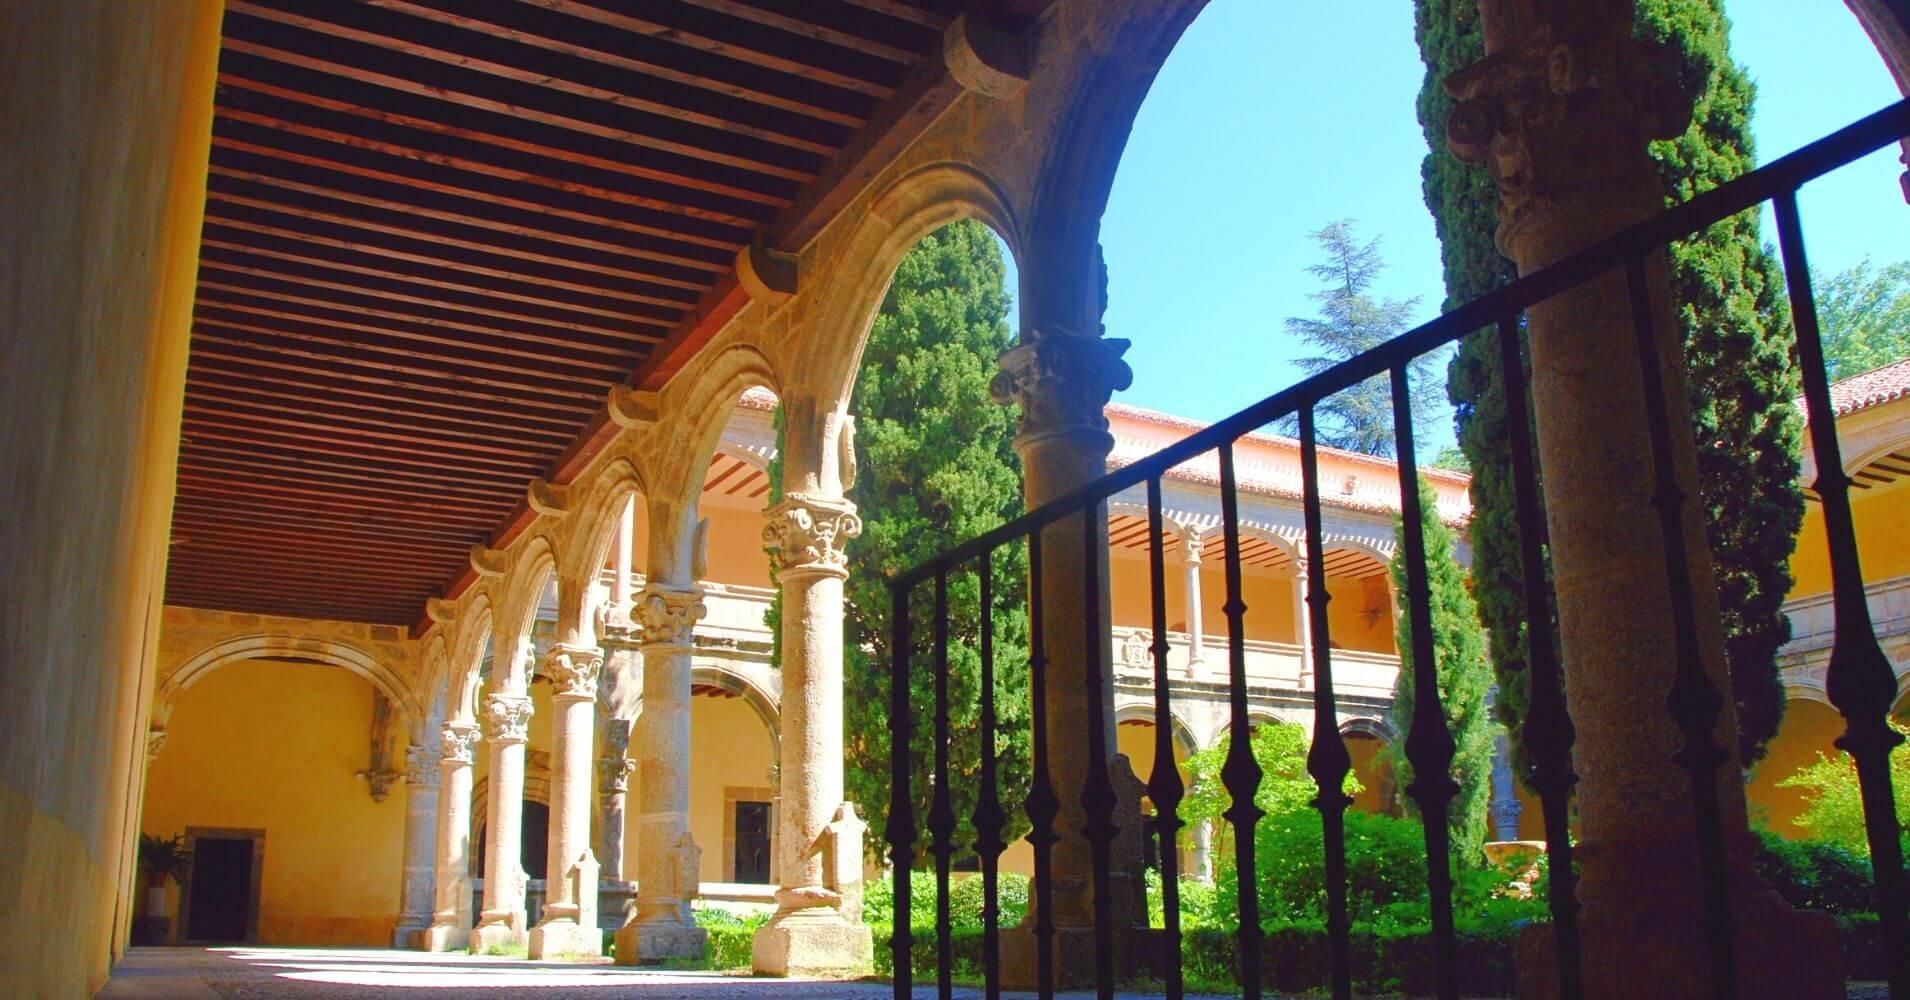 Monasterio de Yuste. Cuacos de Yuste. Cáceres, Extremadura.